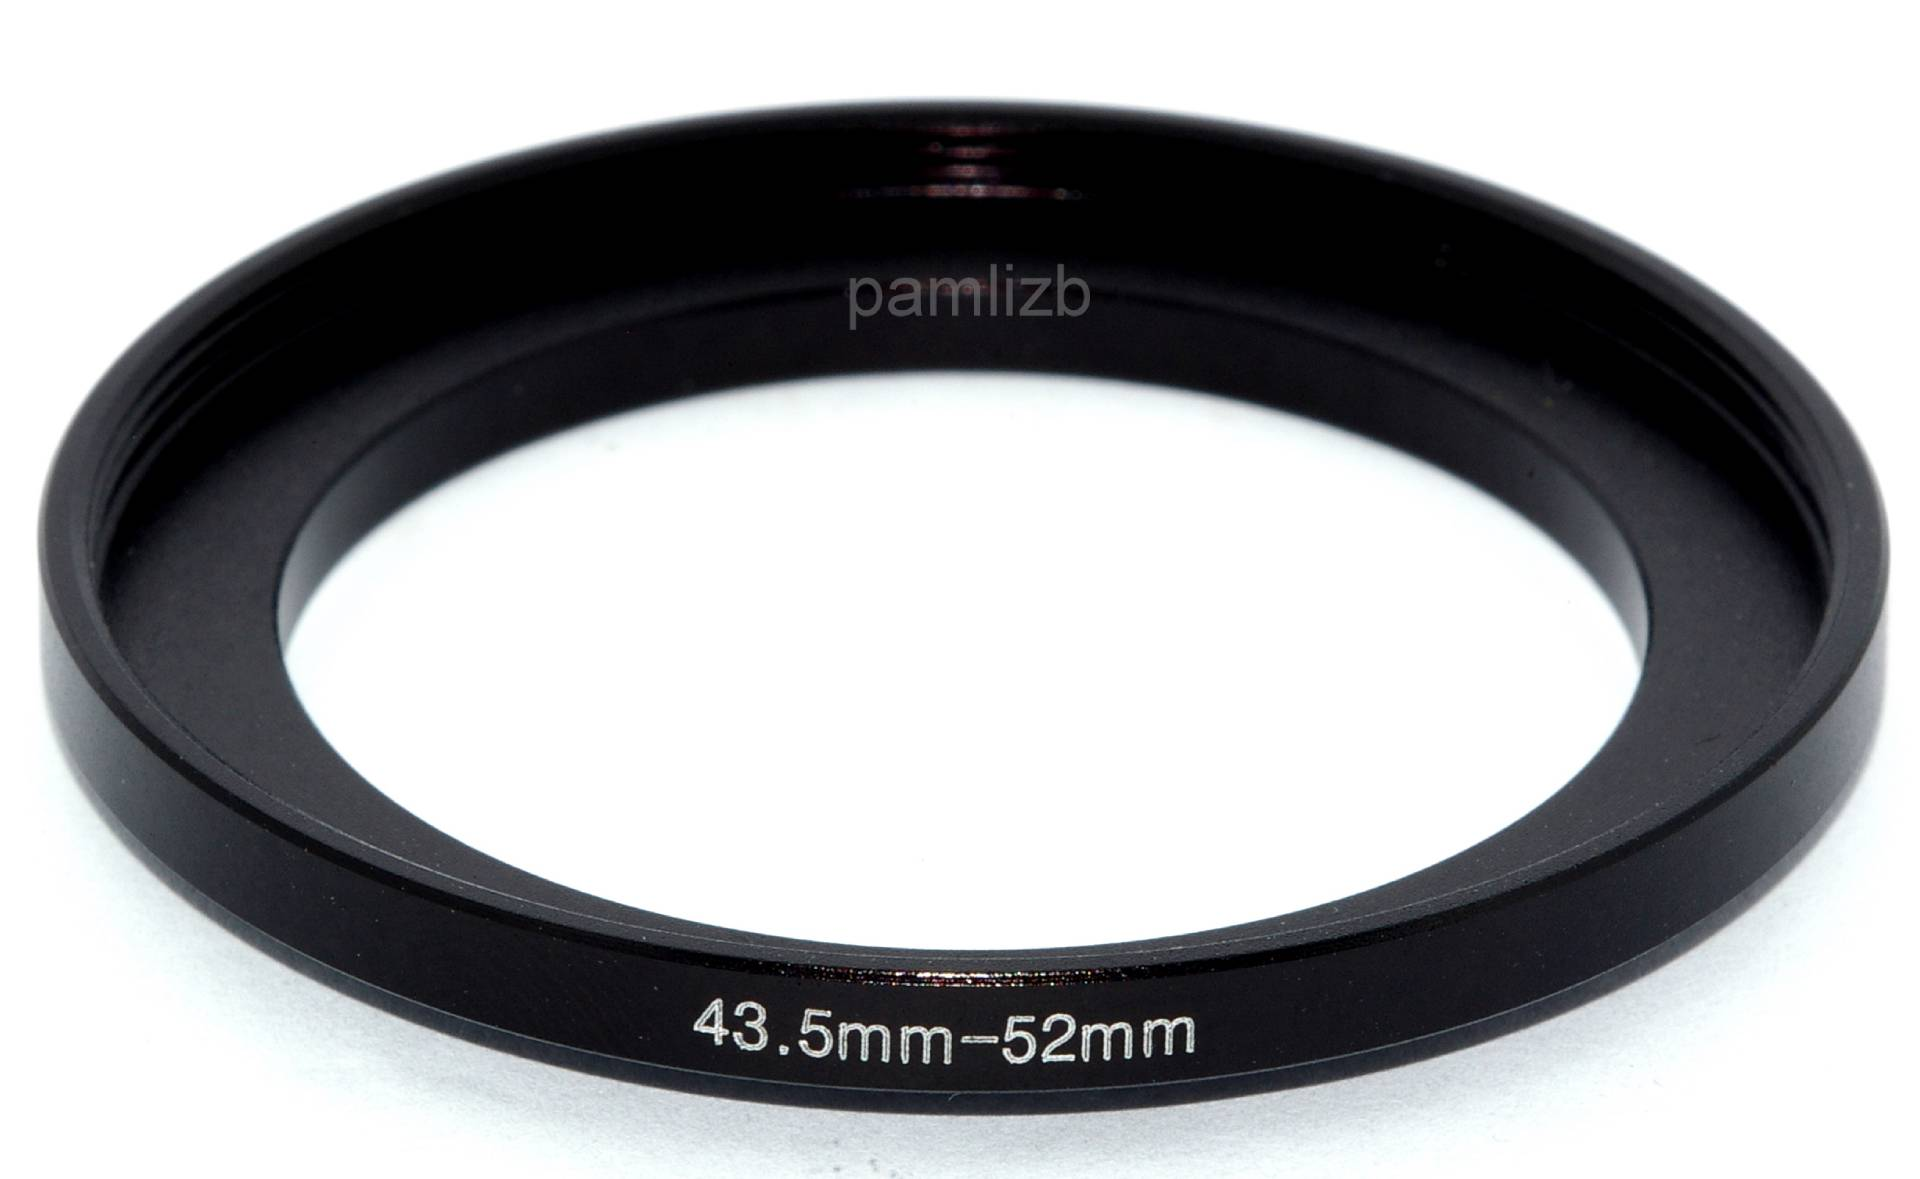 43-5mm-52mm-camera-lens-Filter-stepping-adapter-ring-43-5-52mm